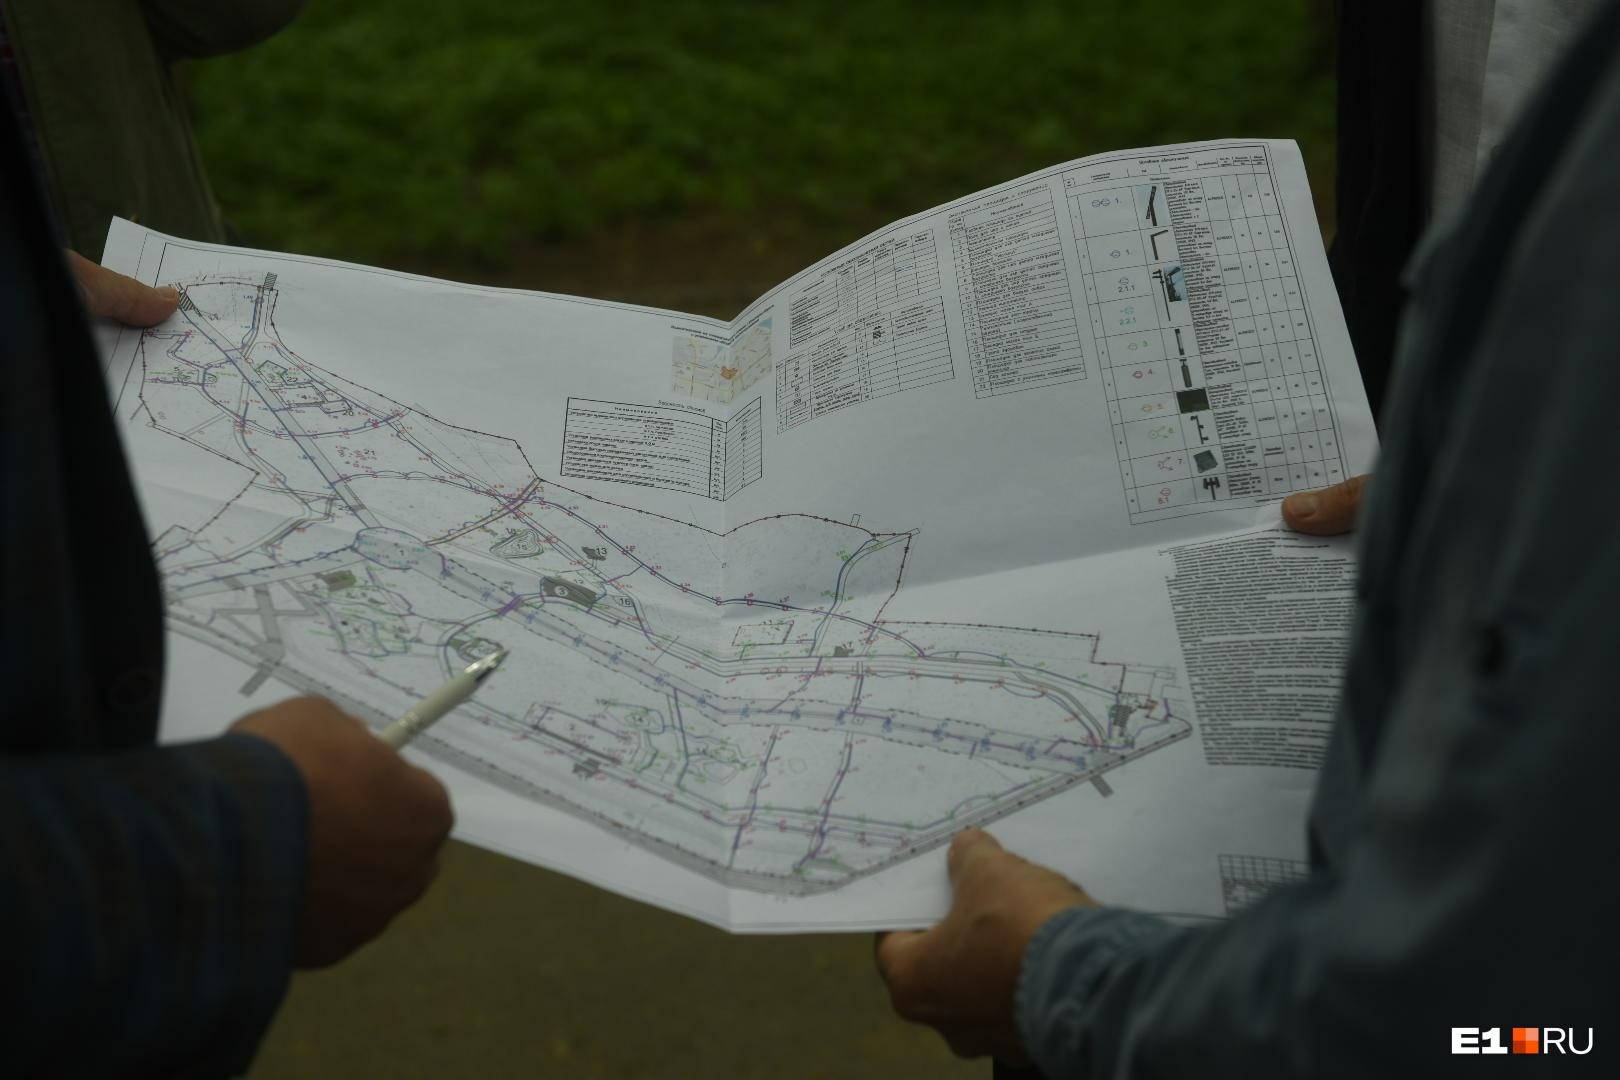 Схема реконструкции парка. Местных жителей многое в этой схеме не устраивает.